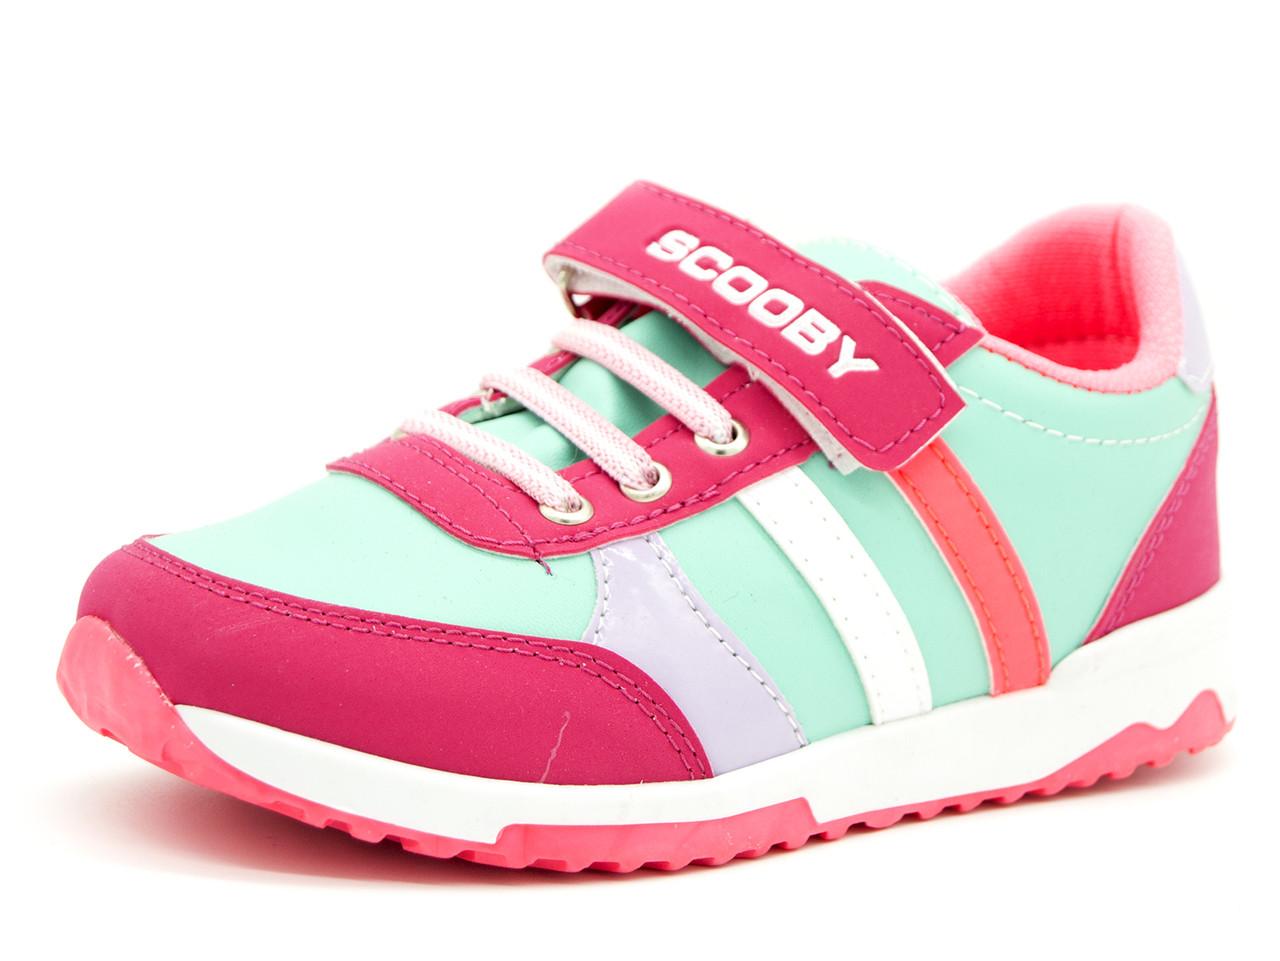 Кроссовки для девочки Разноцветные Размеры 32 (20,5 см), 34 (21,5 см)